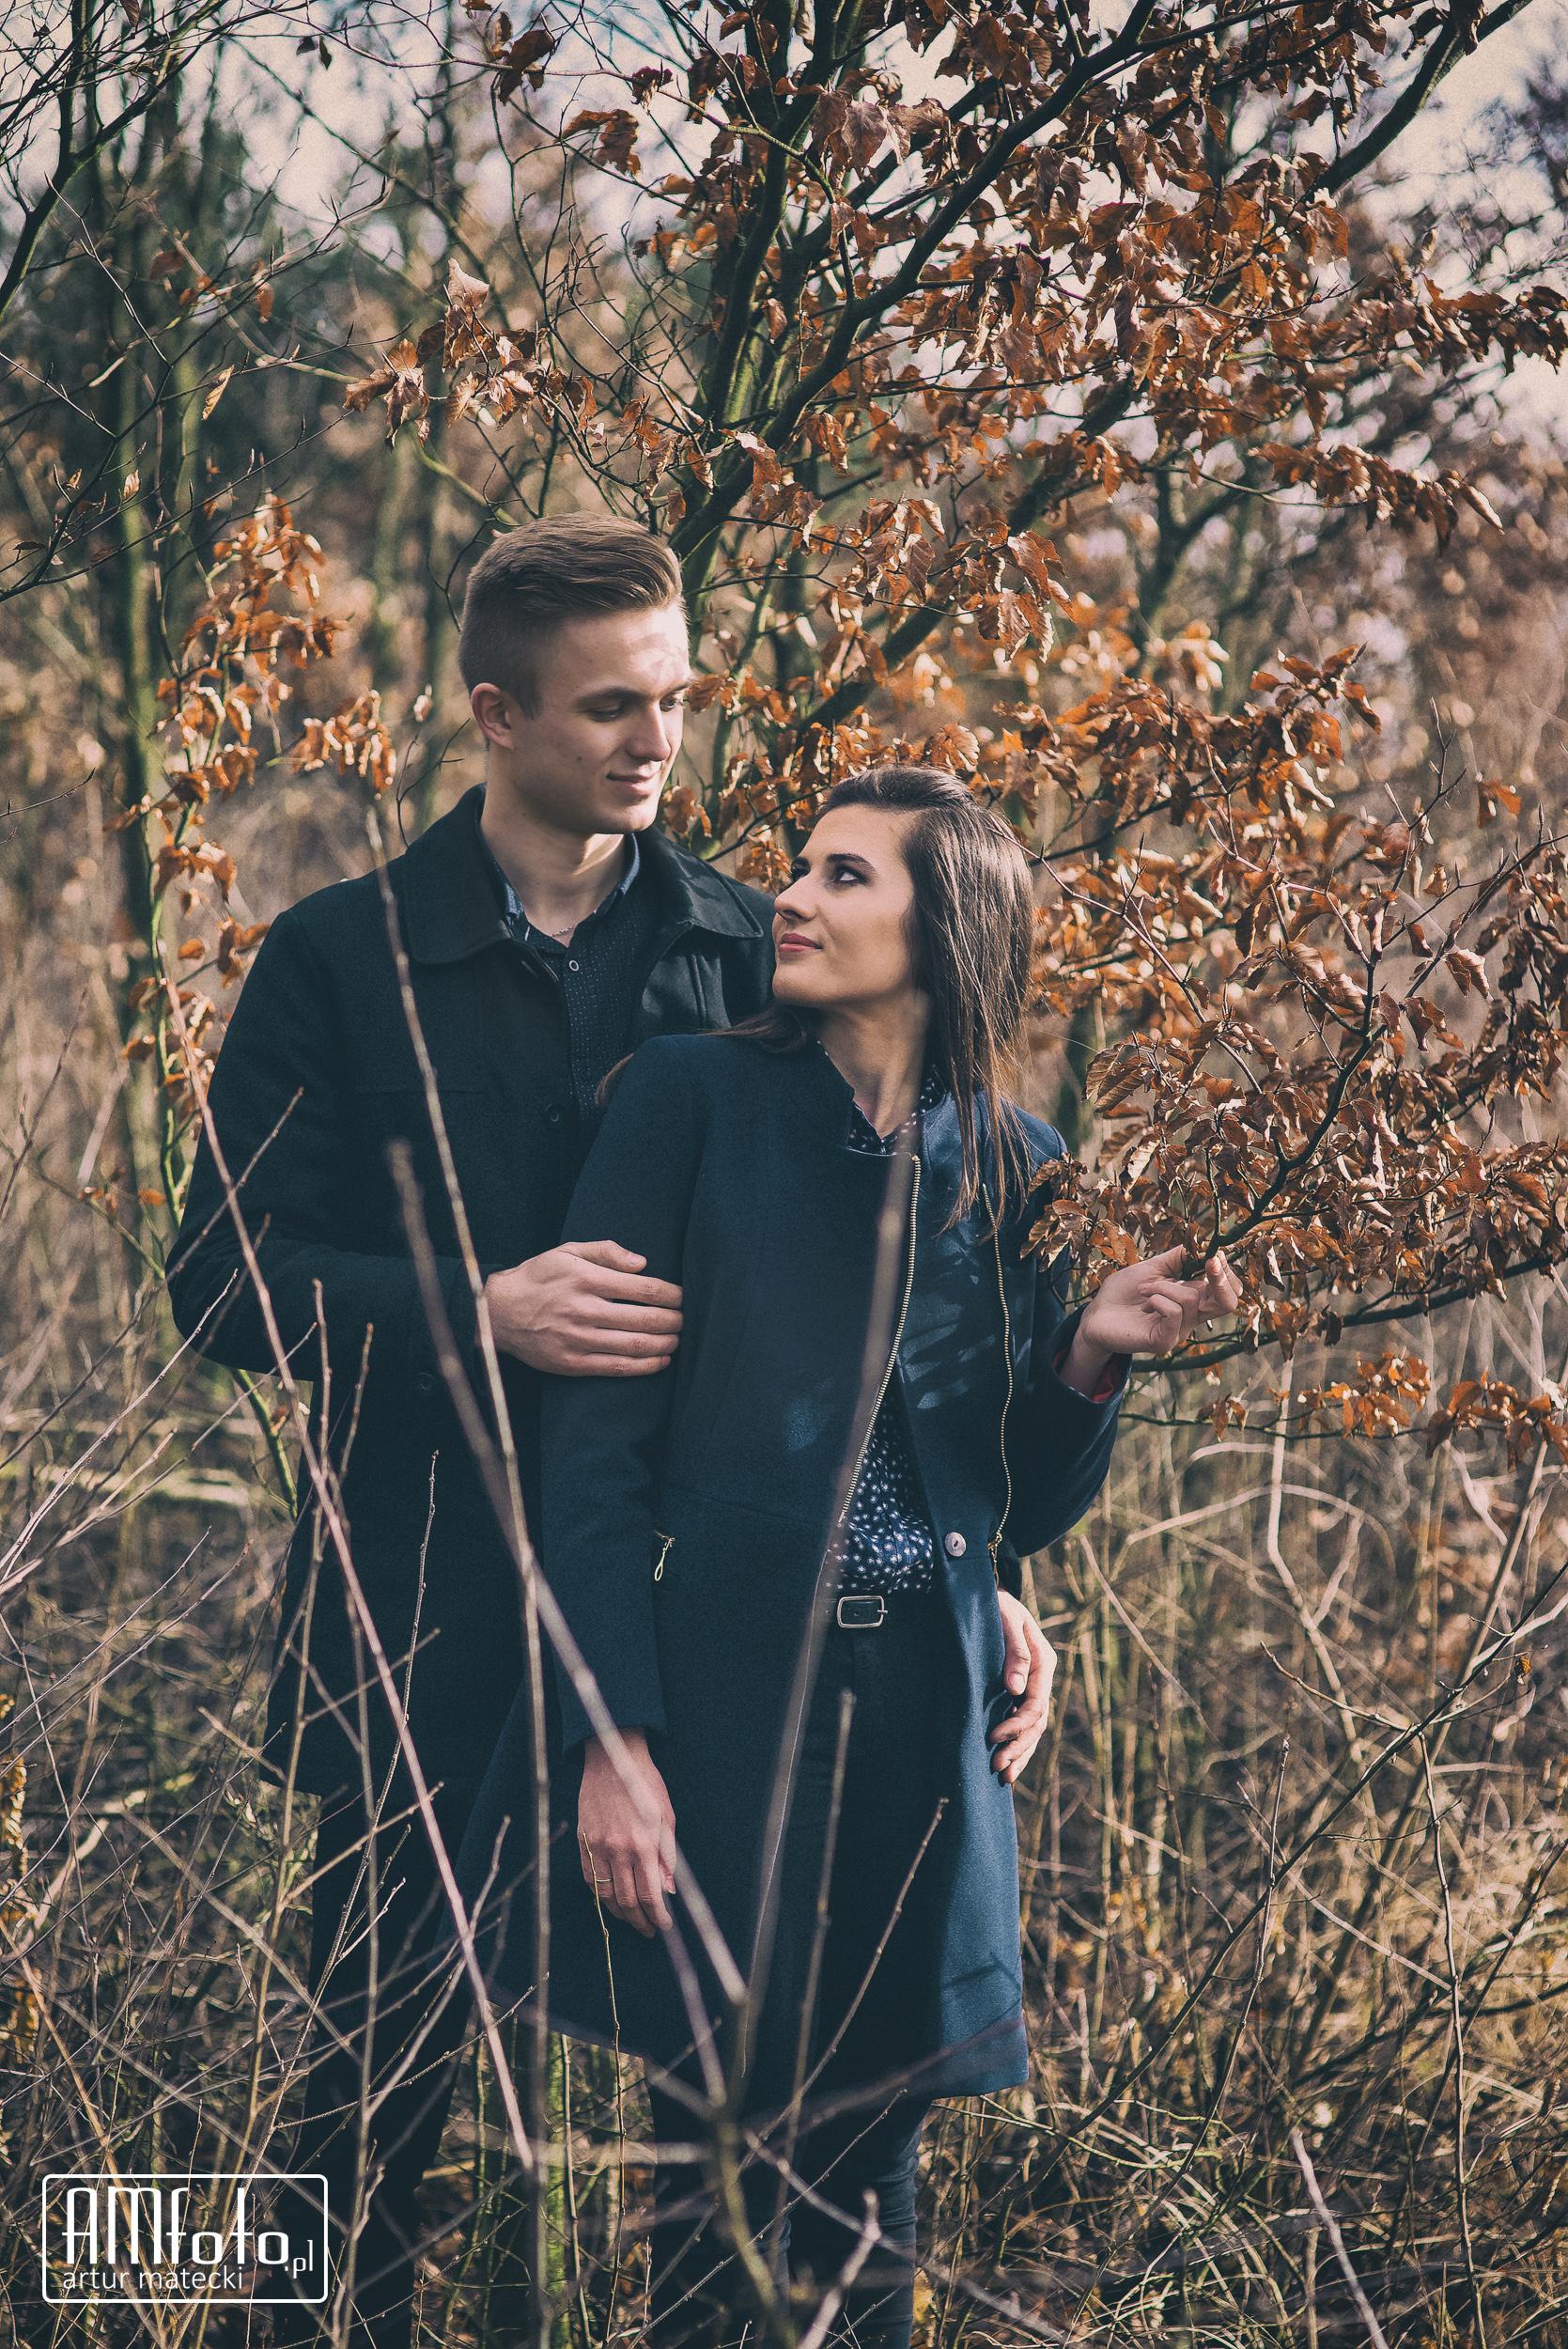 Patrycja&Kamil_sesja_narzeczenska_www_amfoto_pl-400004.jpg